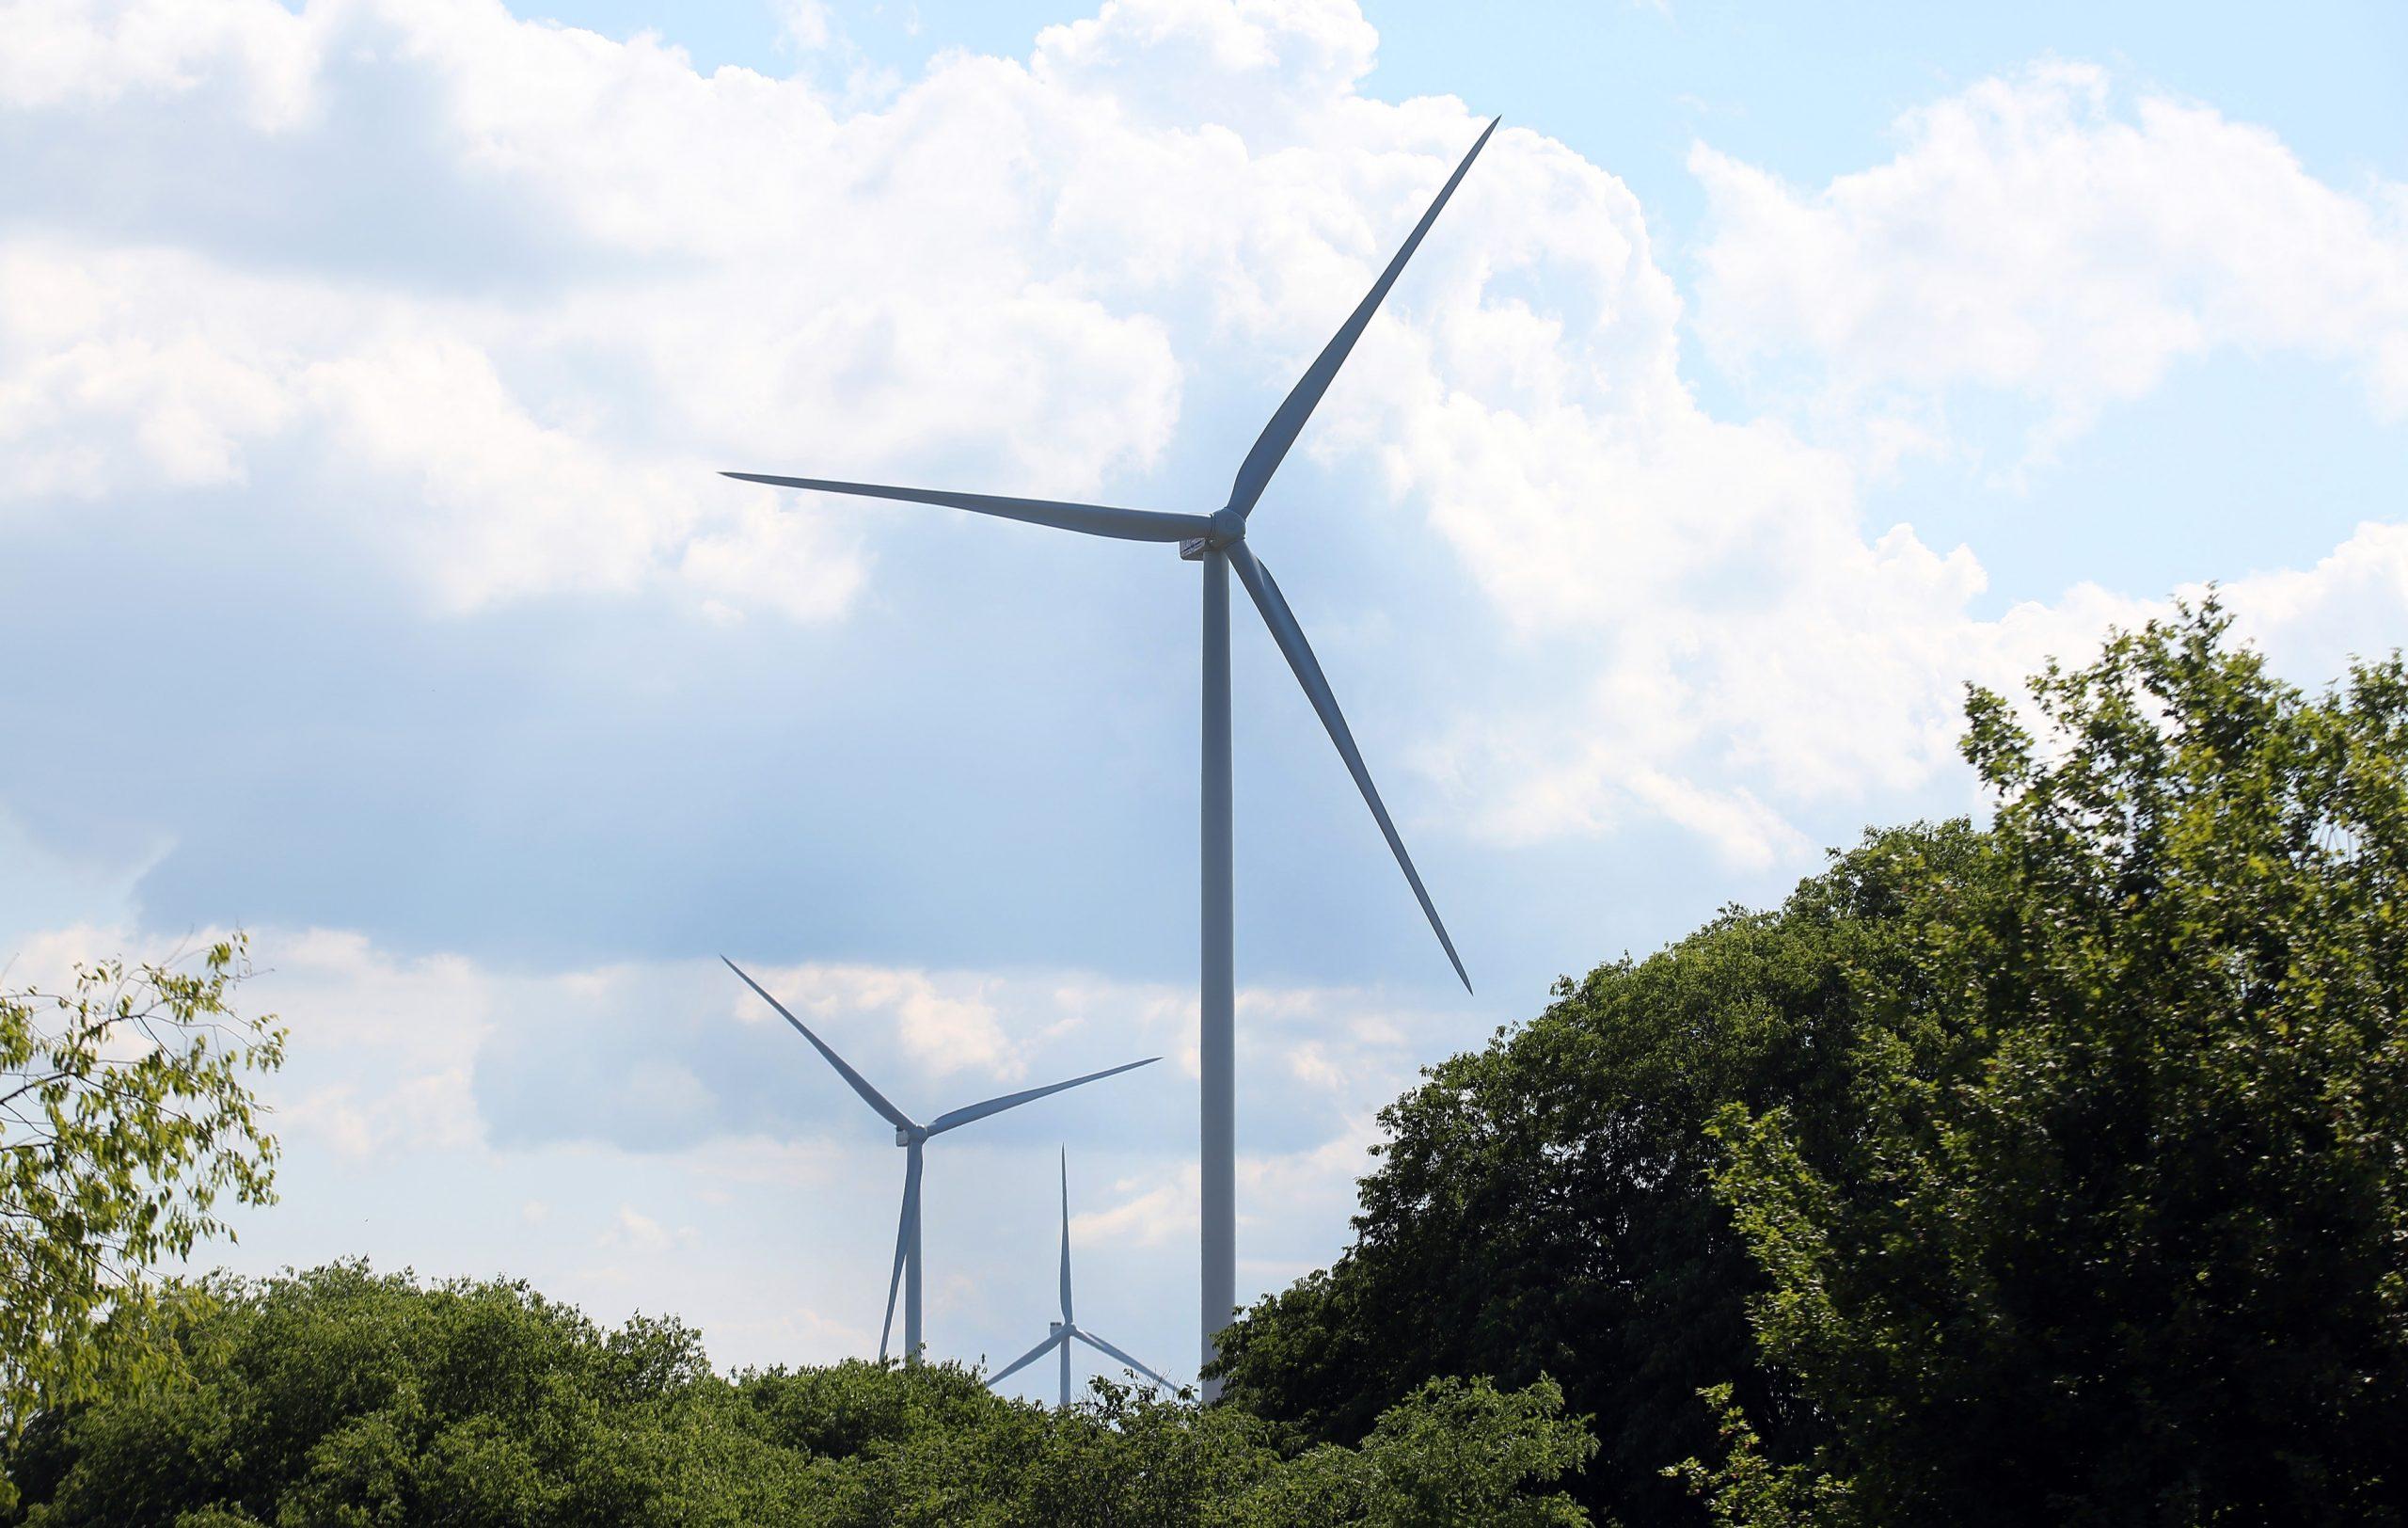 Može li Gorski kotar biti regija u kojoj je moguća izgradnja vjetroelektrana / Foto D. JARAMAZ/PIXSELL